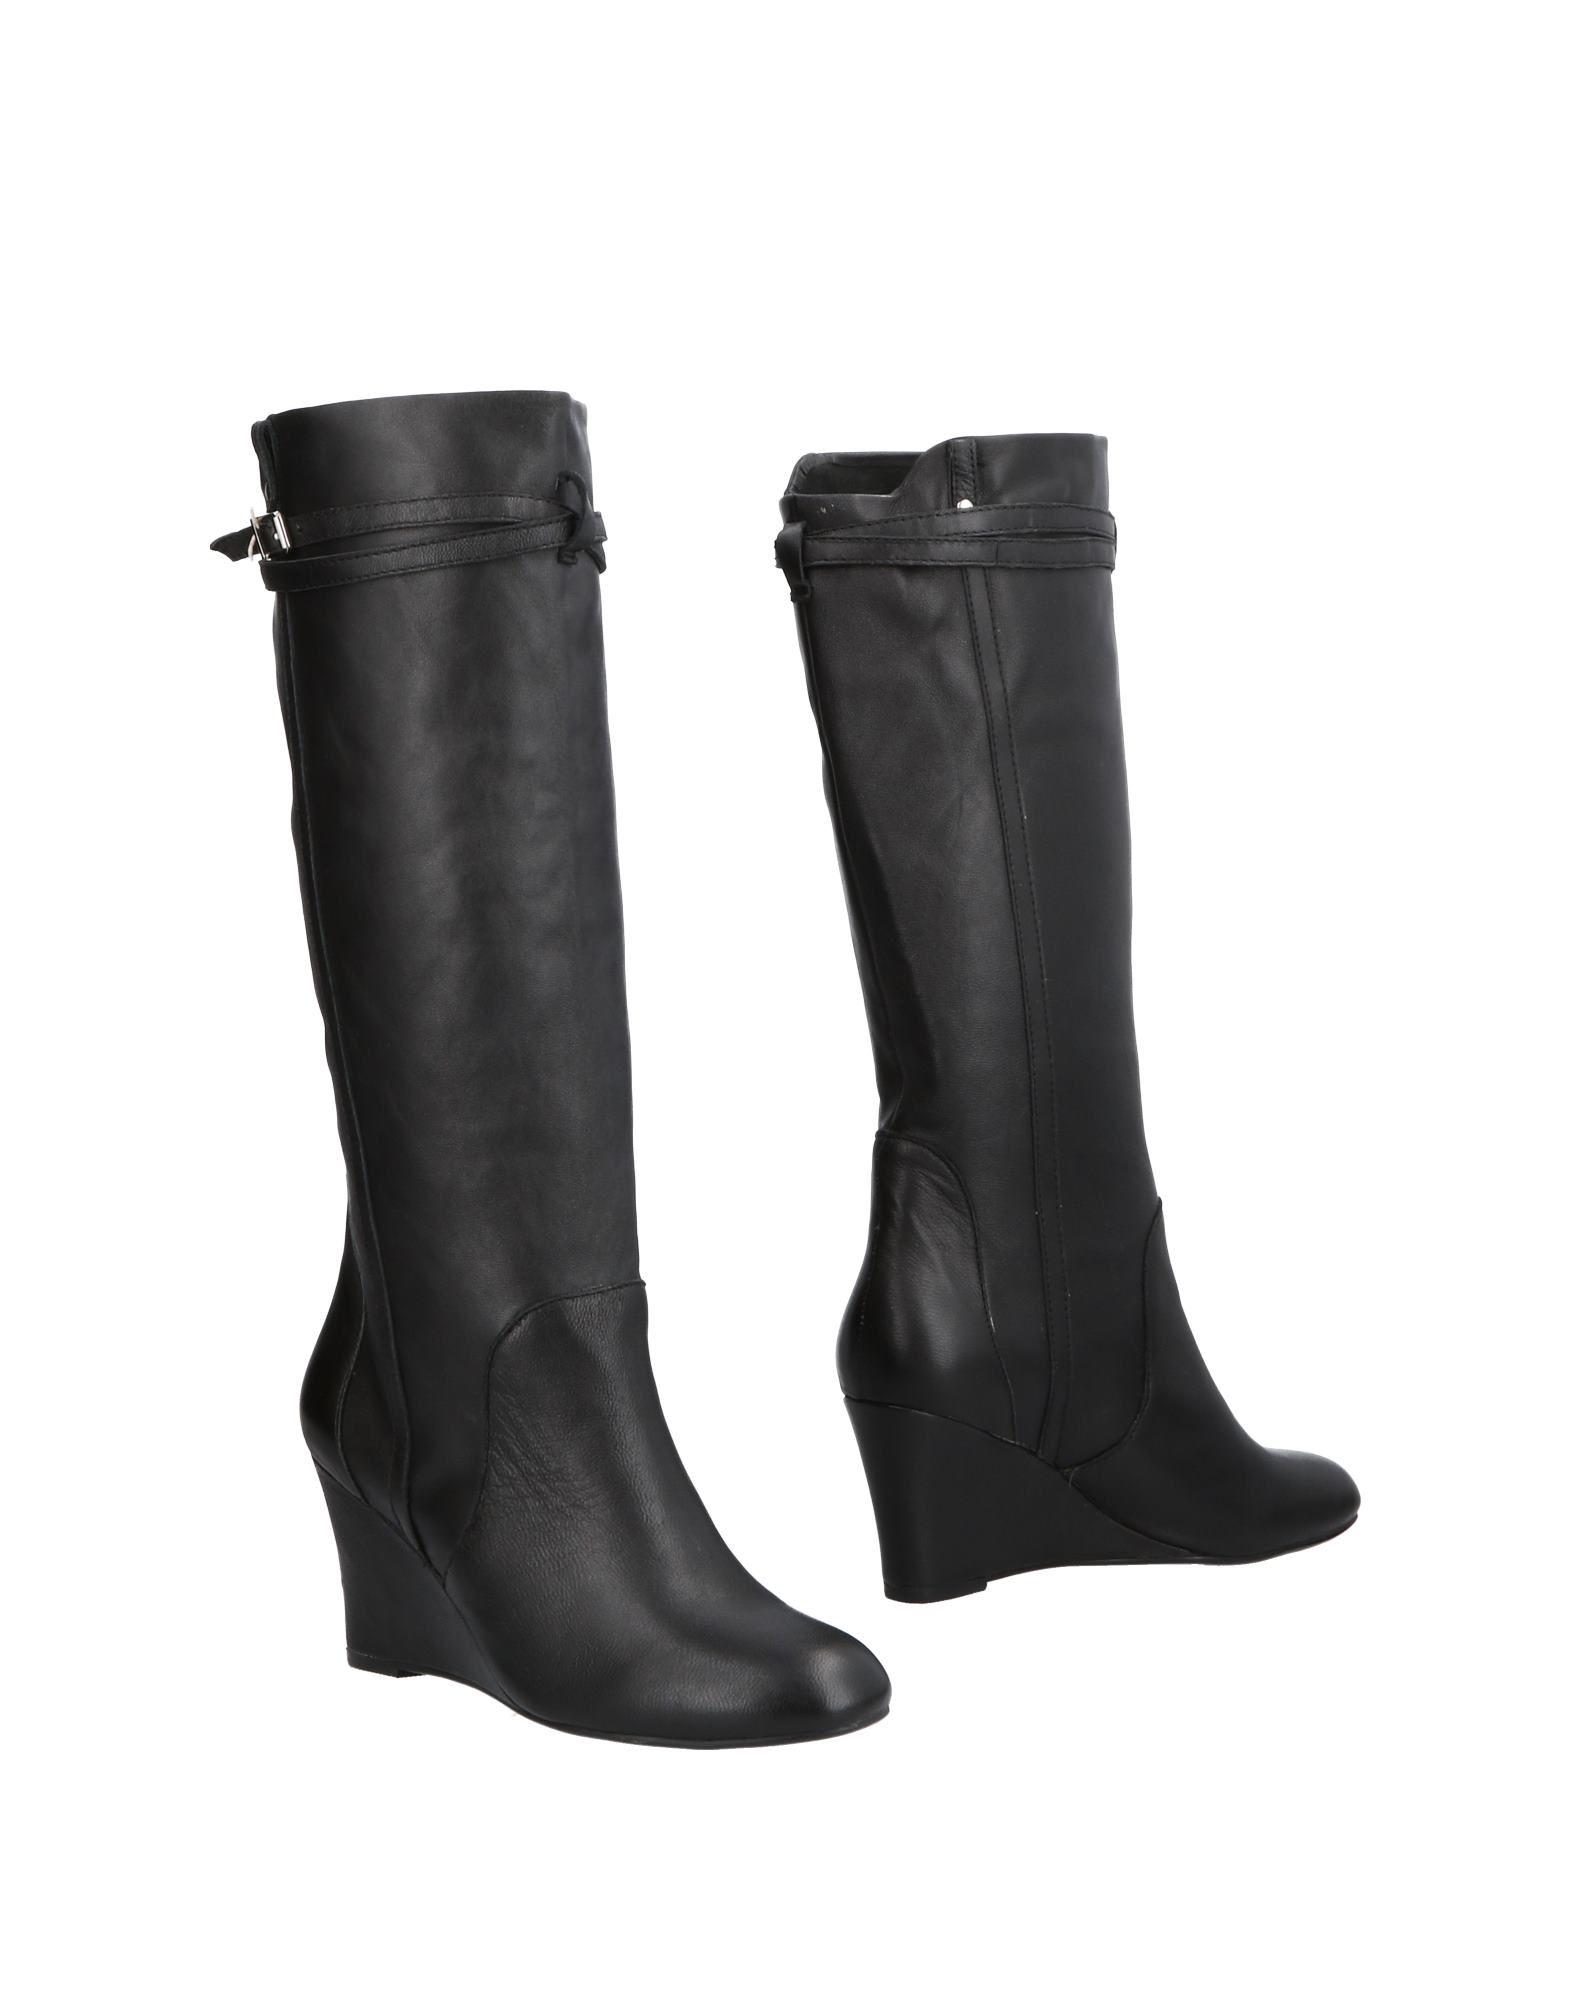 Billig-5170,Mi/Mai Stiefel Damen es Gutes Preis-Leistungs-Verhältnis, es Damen lohnt sich 0fe739